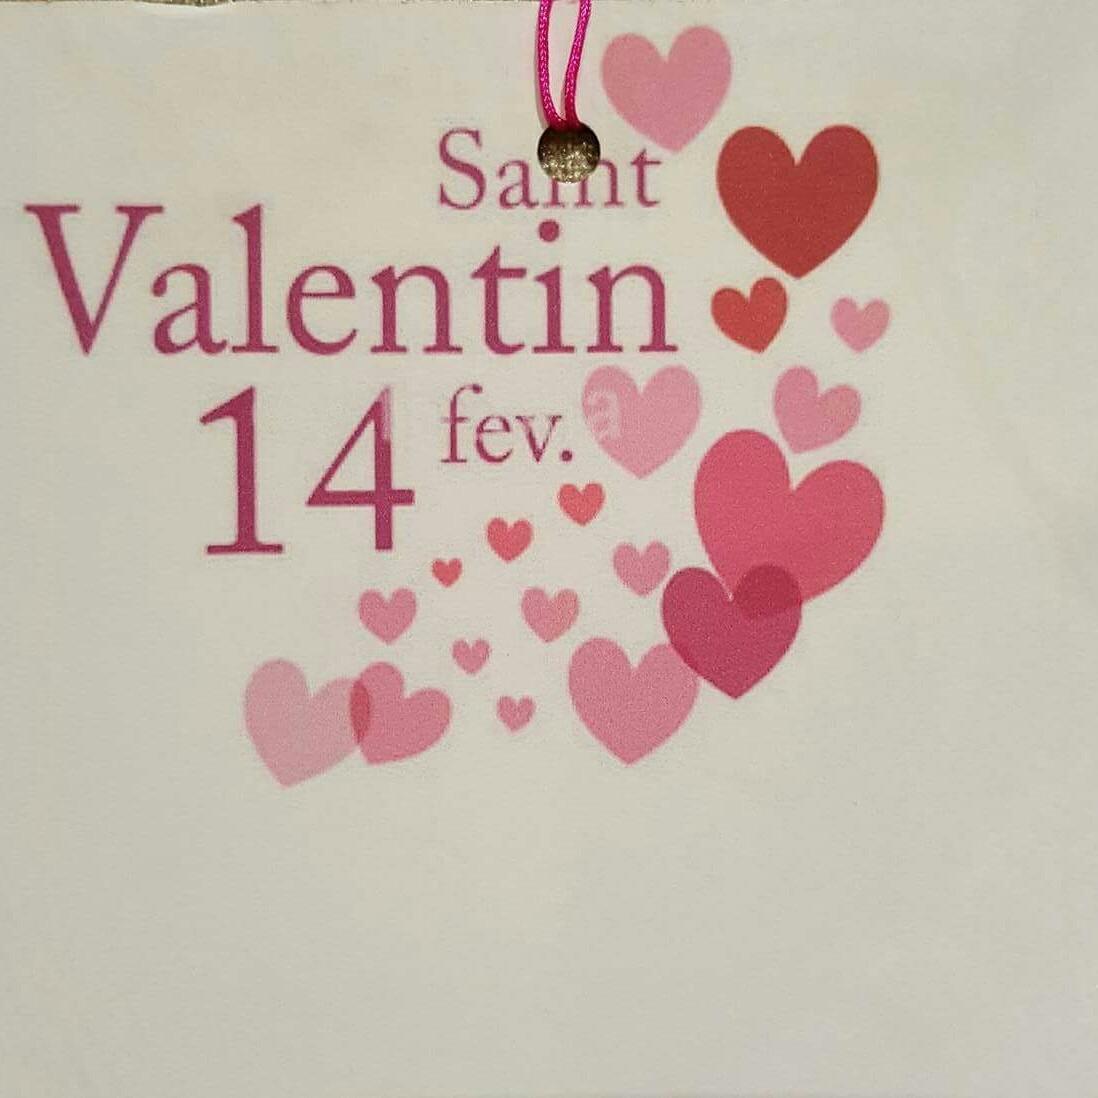 St Valentin - Ouverture exceptionnelle et menu spécial